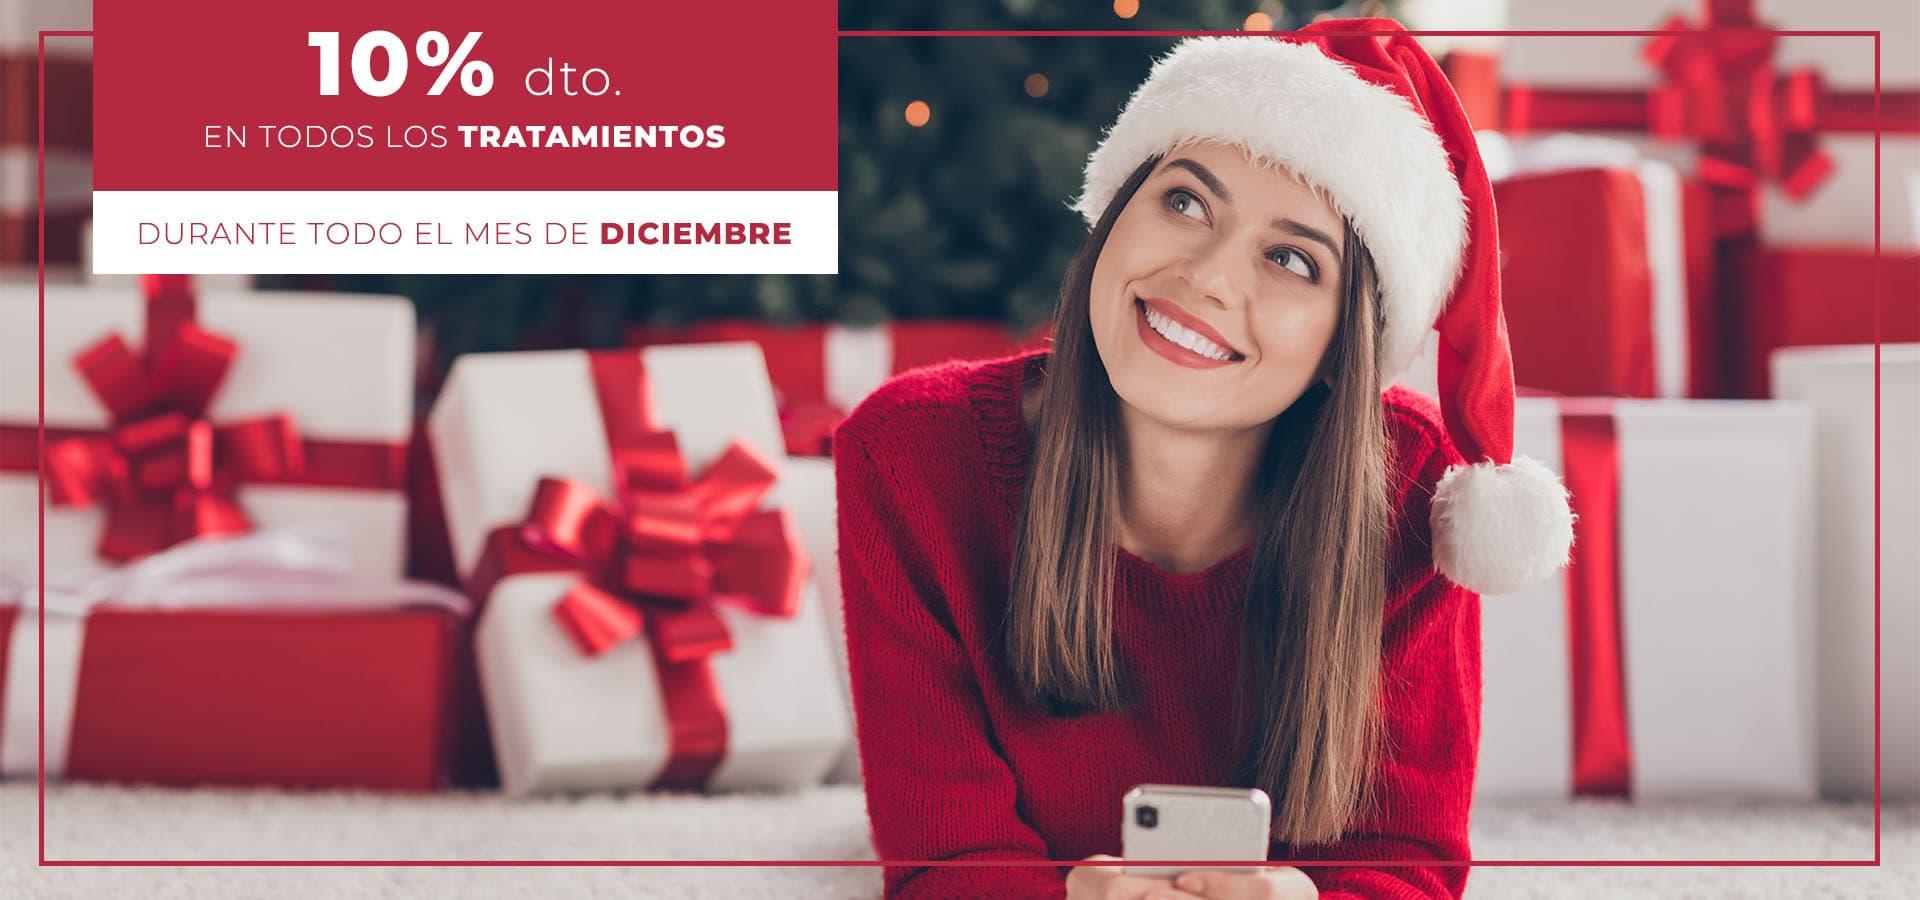 Clínica dental Zaragoza